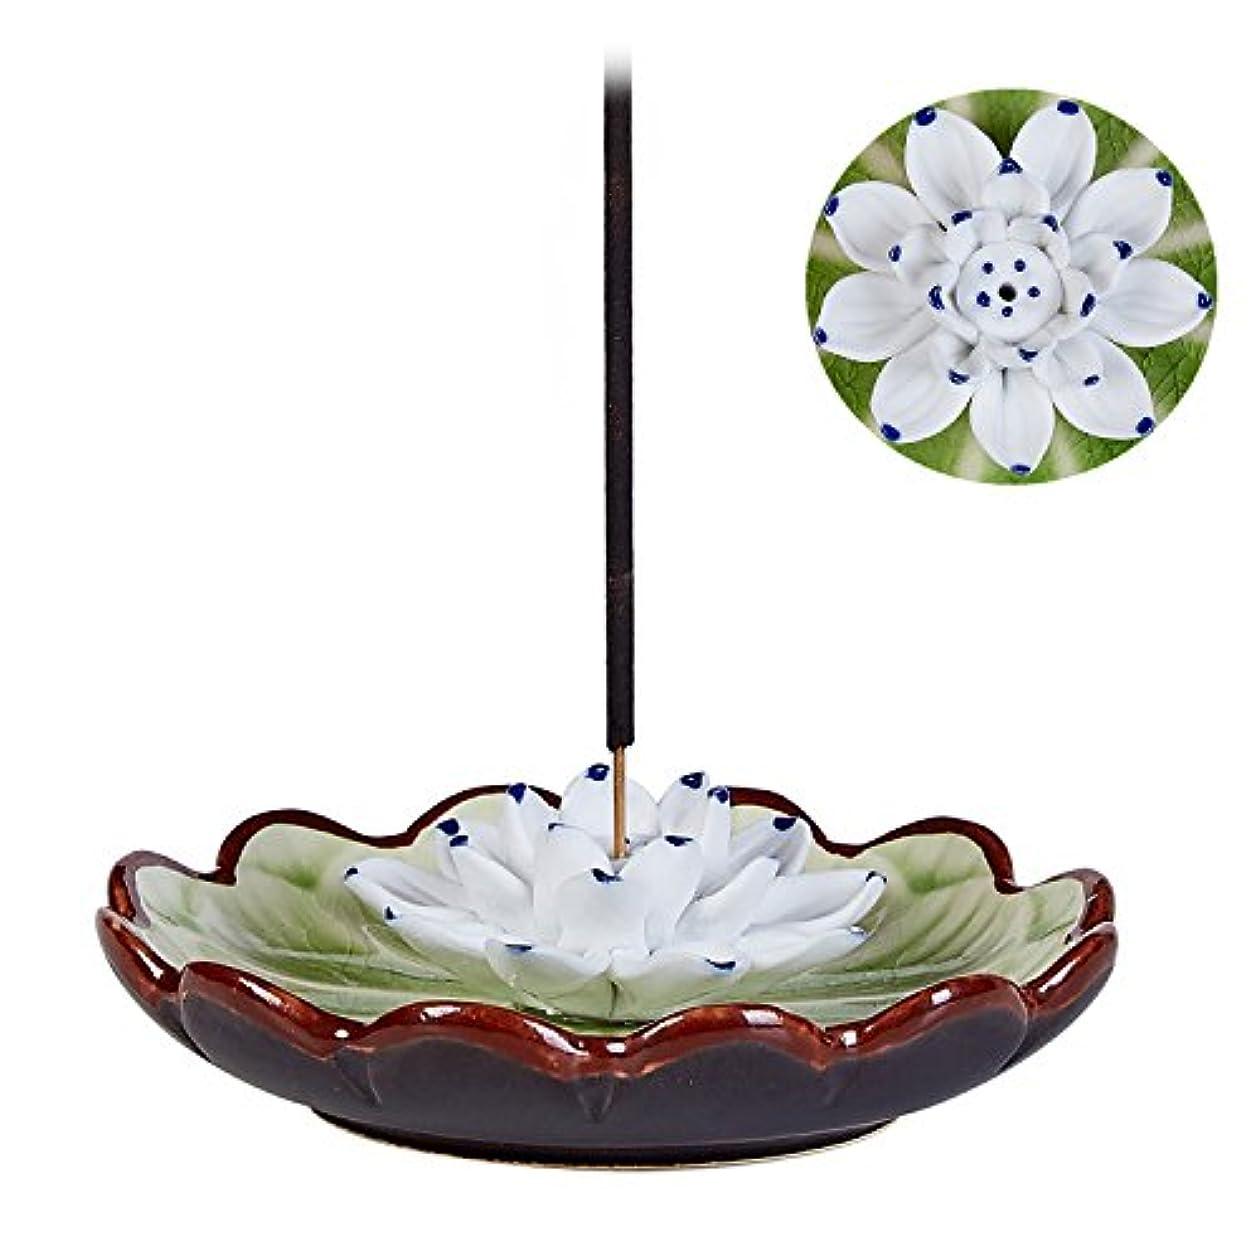 極めて重要な我慢する逸脱Uoonお香スティックバーナーホルダー – ハンドメイドセラミックLotus Flower Incense Burner Bowl Ashキャッチャートレイプレート グリーン UOON-LotusF018